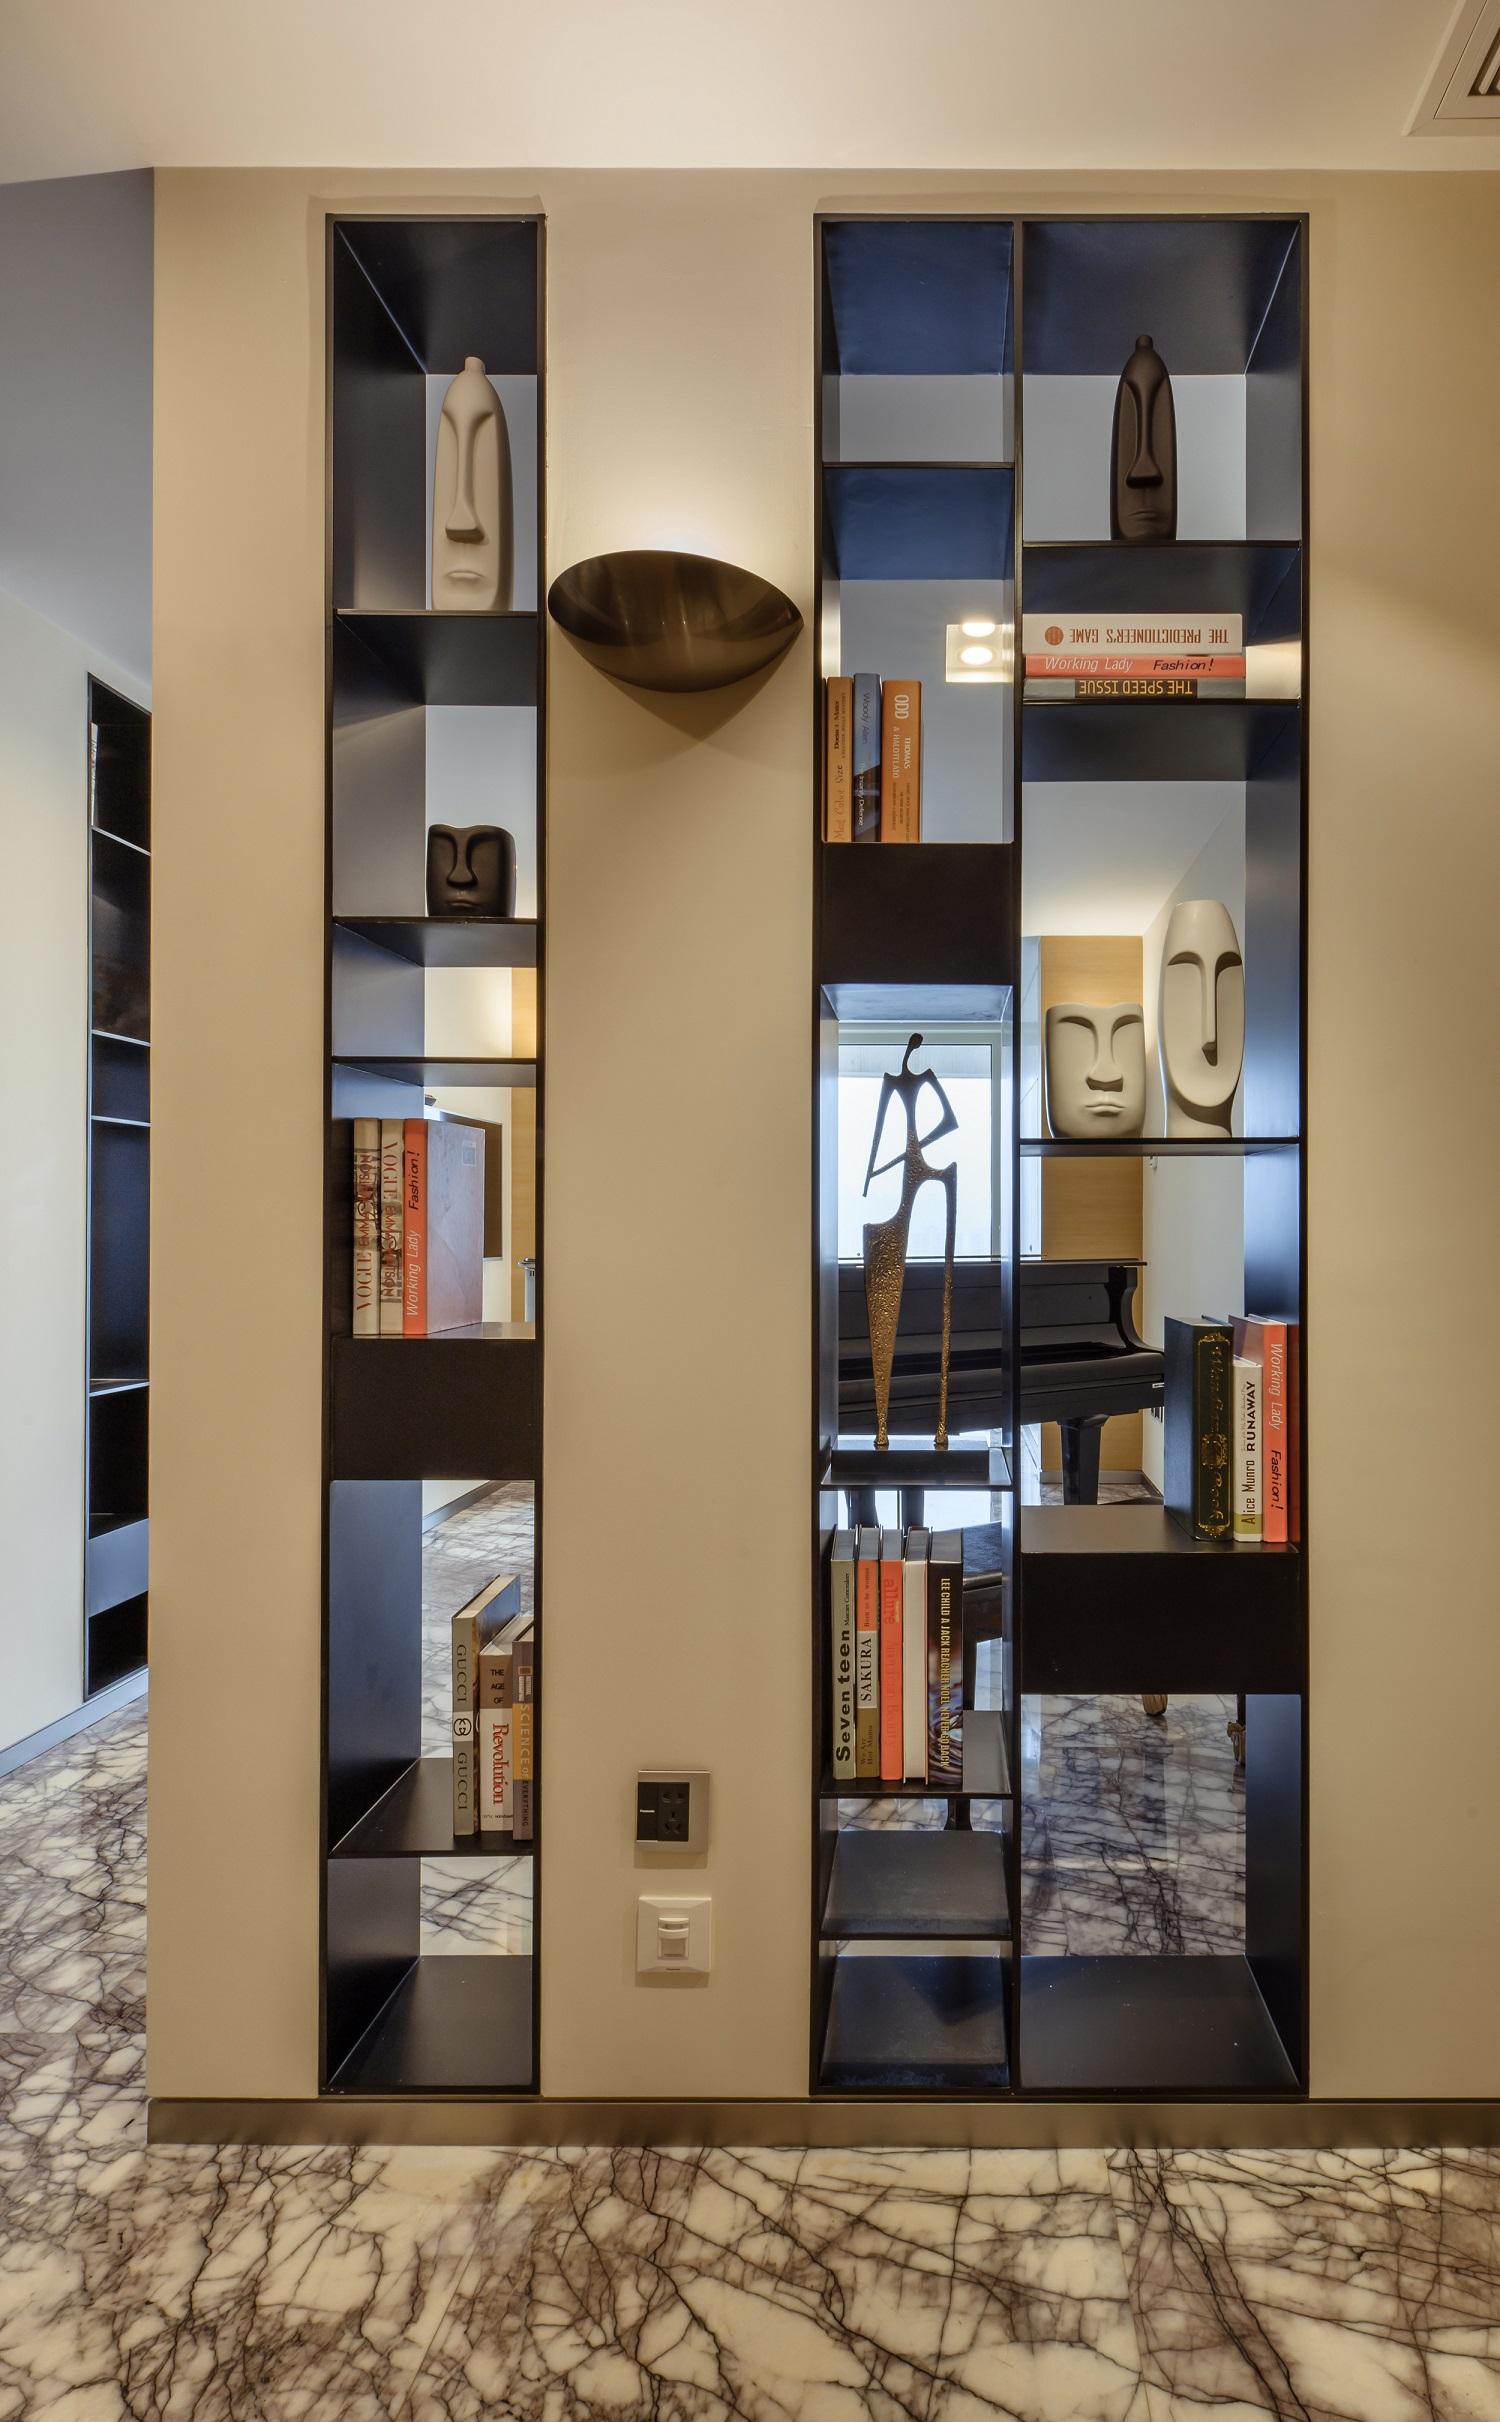 200㎡简约风设计门厅书架图片